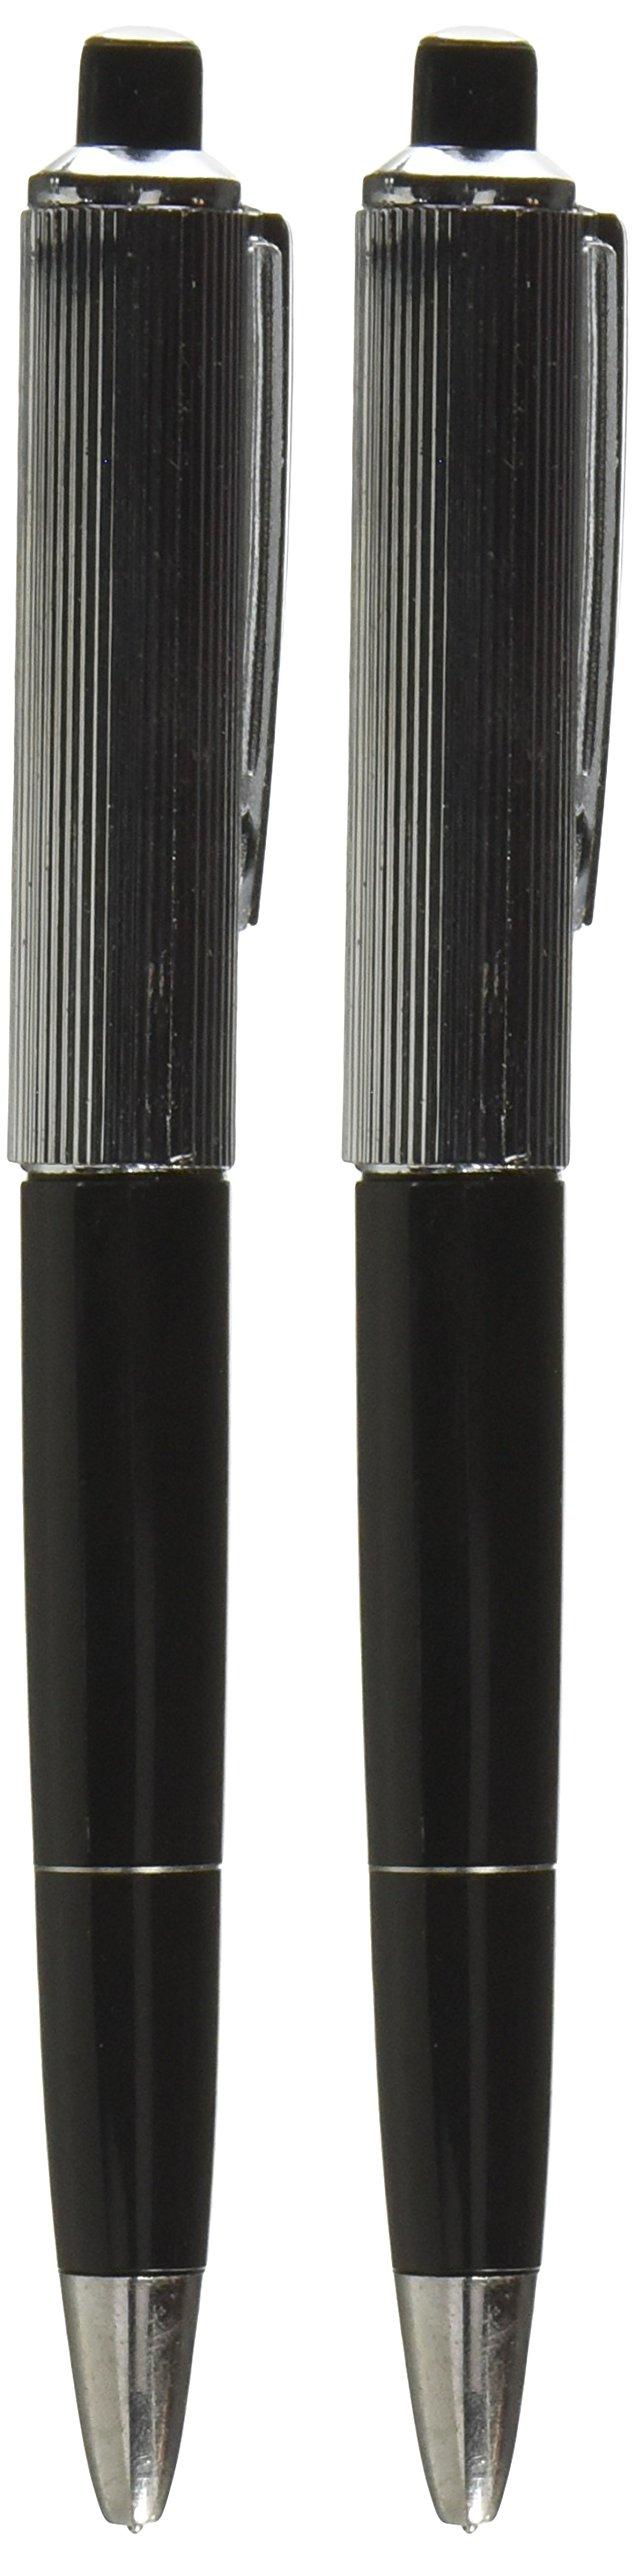 Safe Fun Prank Shock Pens (Set of 2)